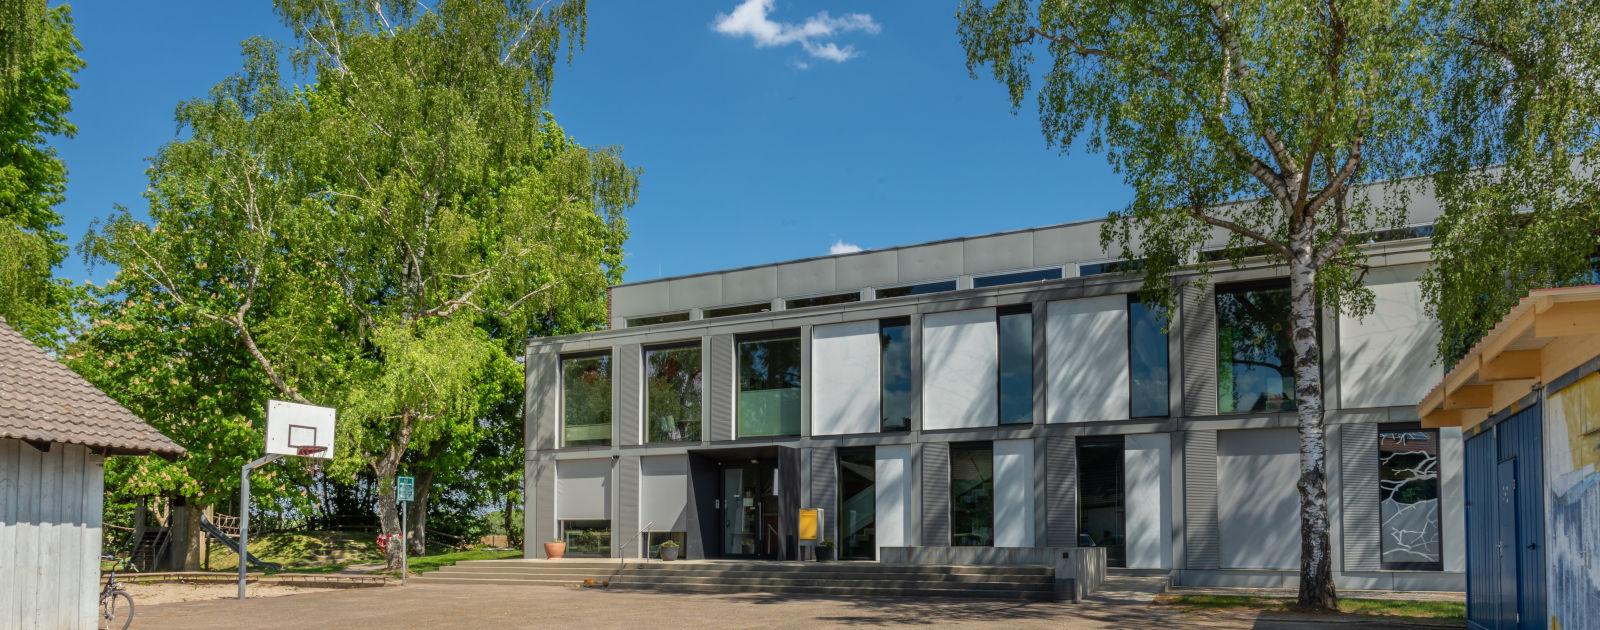 Außenansicht Astrid-Lindgren-Schule Hesselhurst